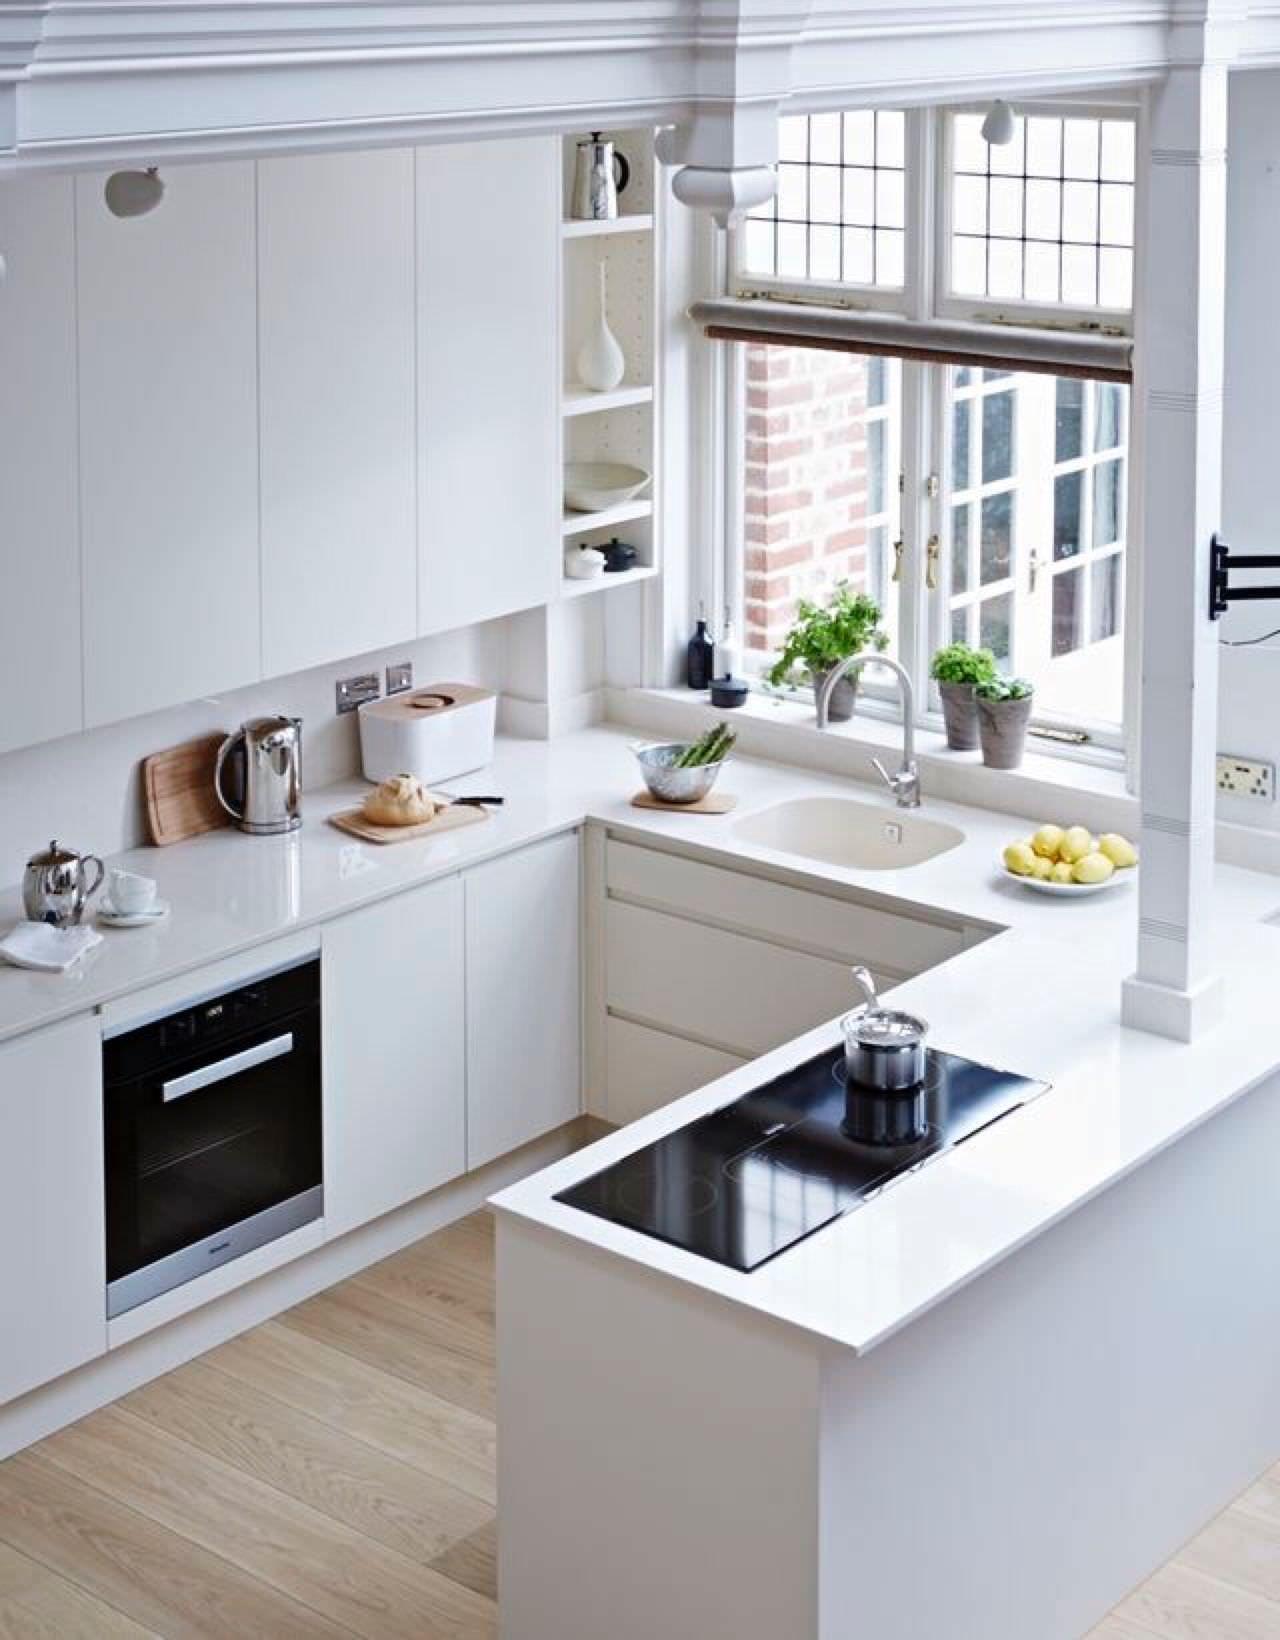 Cucine Ad U Moderne.100 Idee Cucine Moderne Stile E Design Per La Cucina